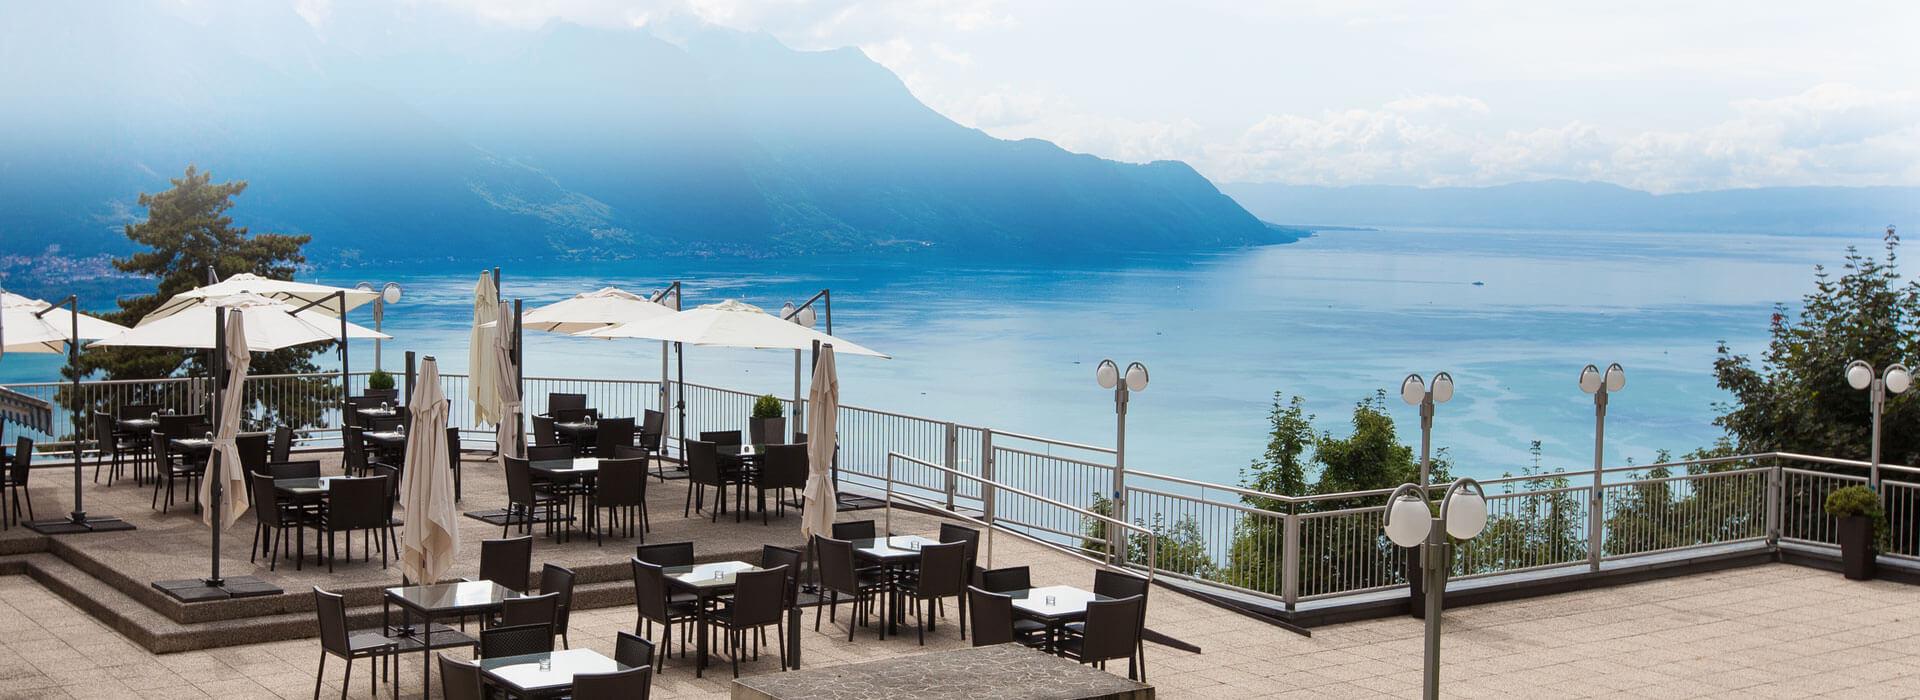 Rehabilitation Clinique Valmont Montreux